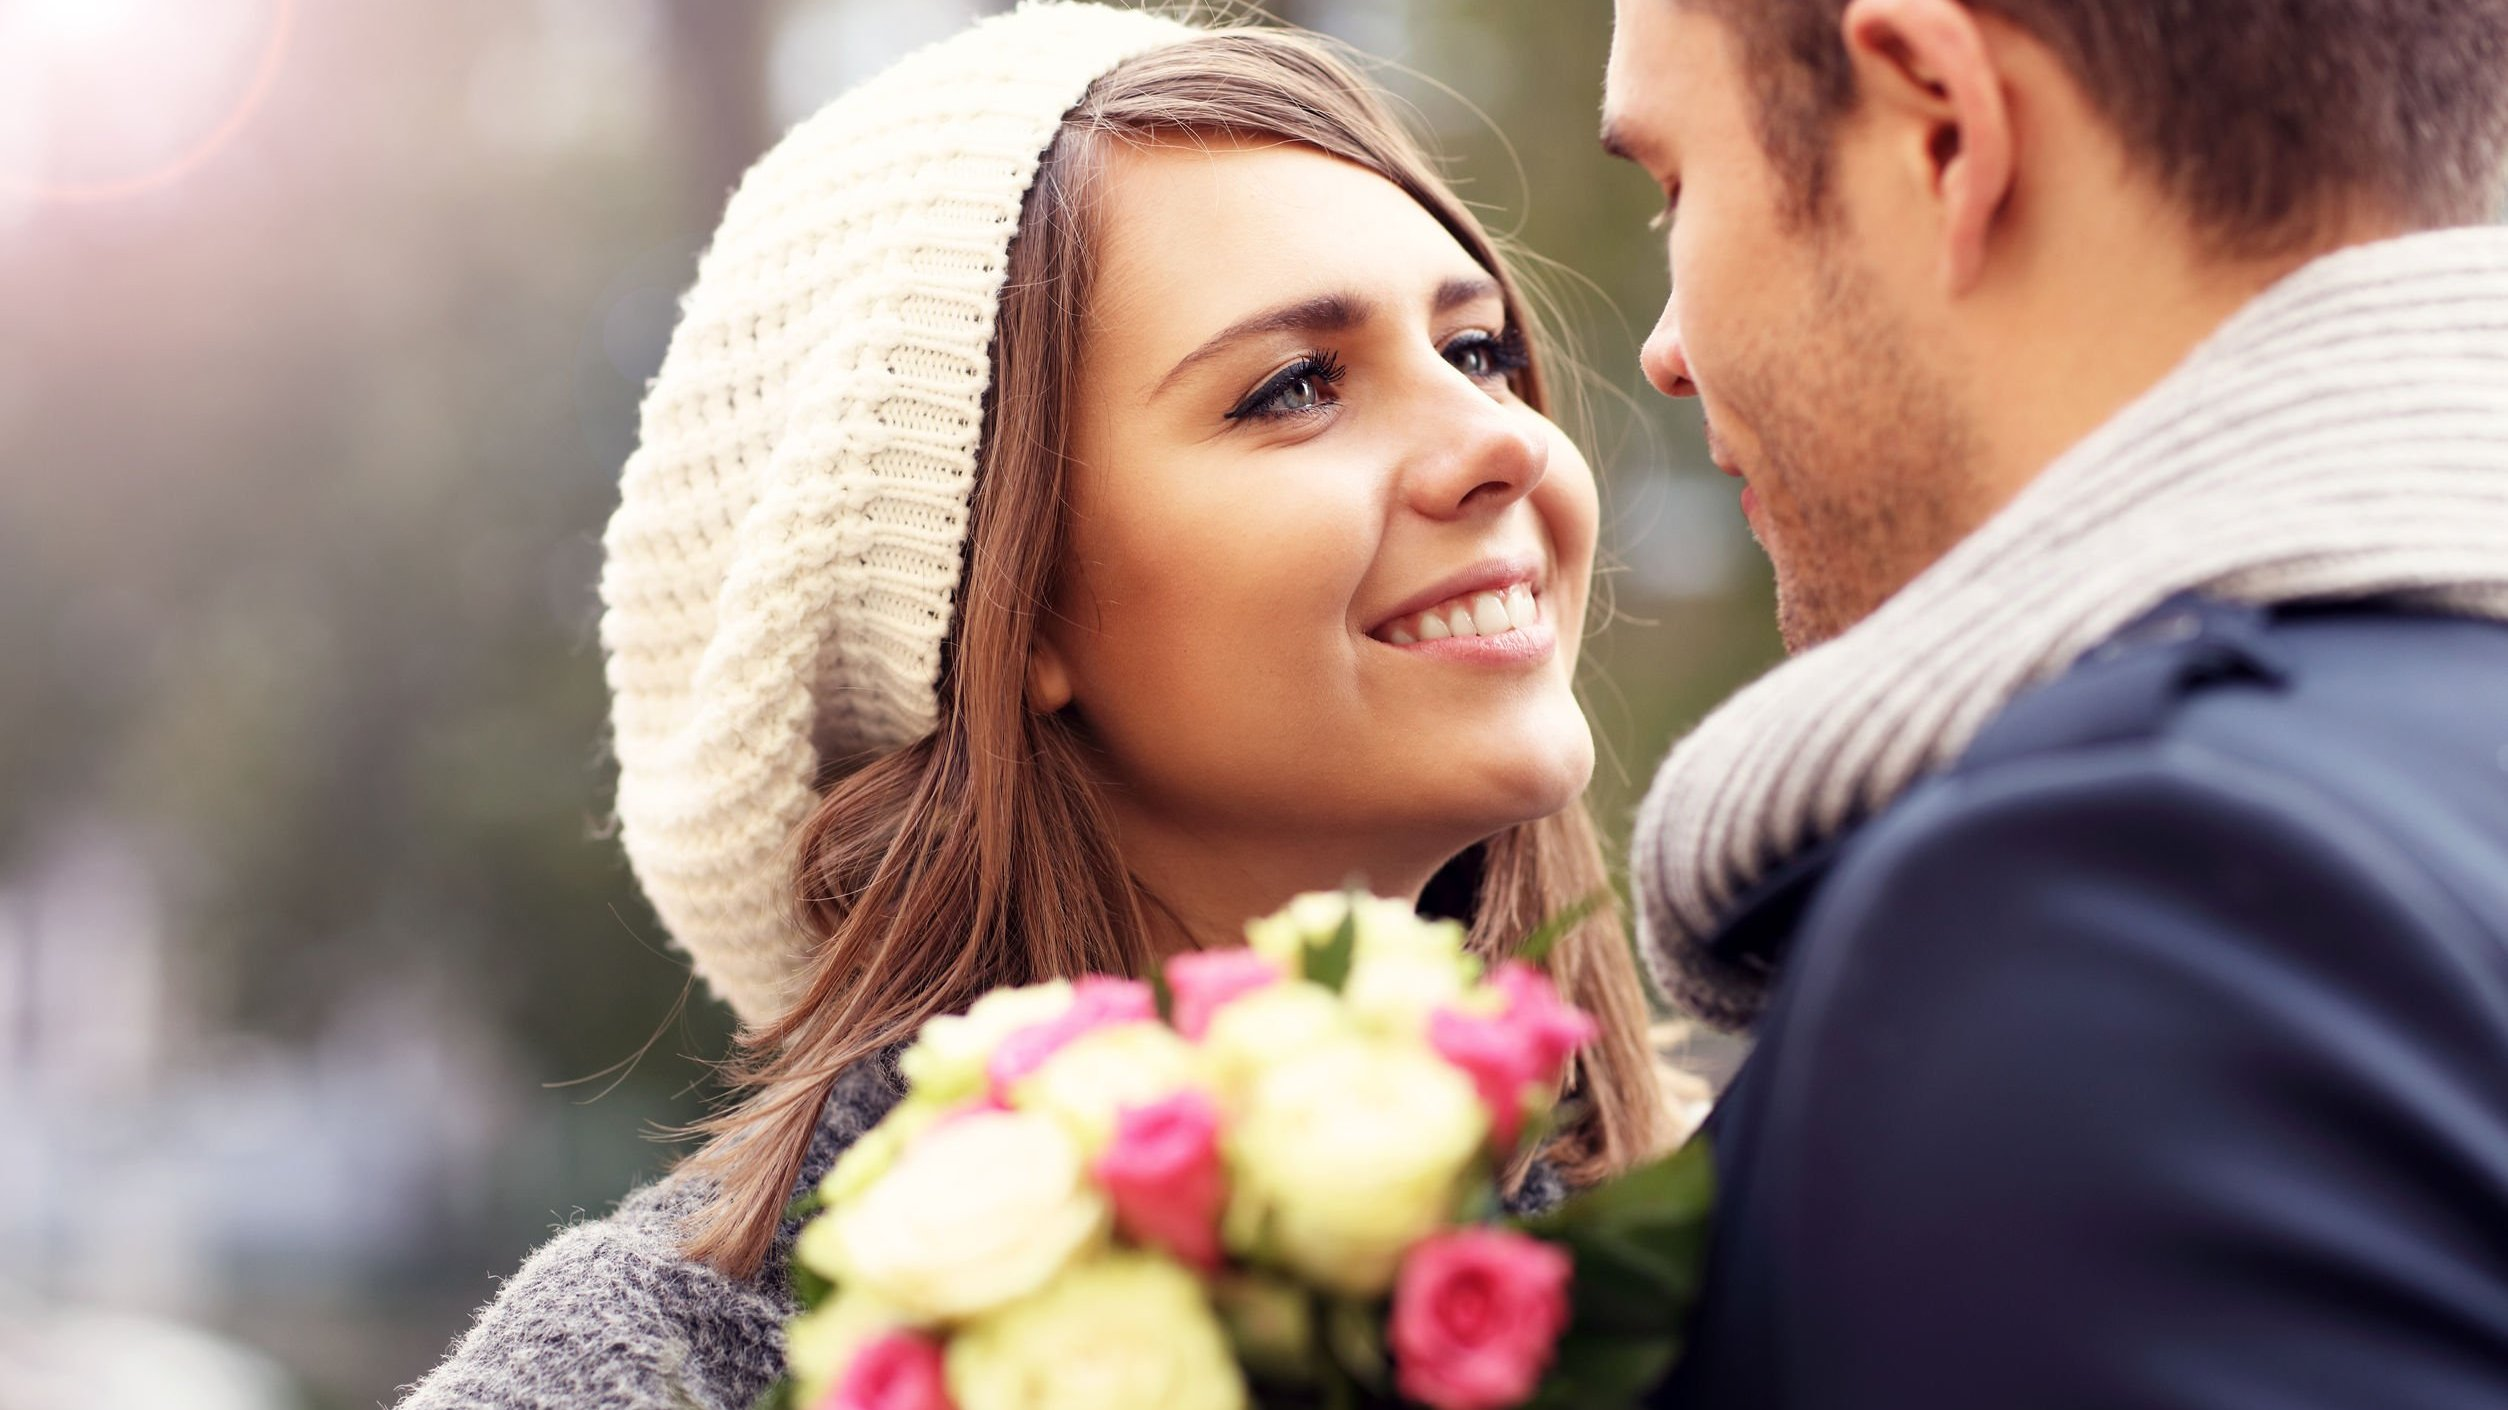 Mulher olhando para homem e sorrindo, segurando flores.